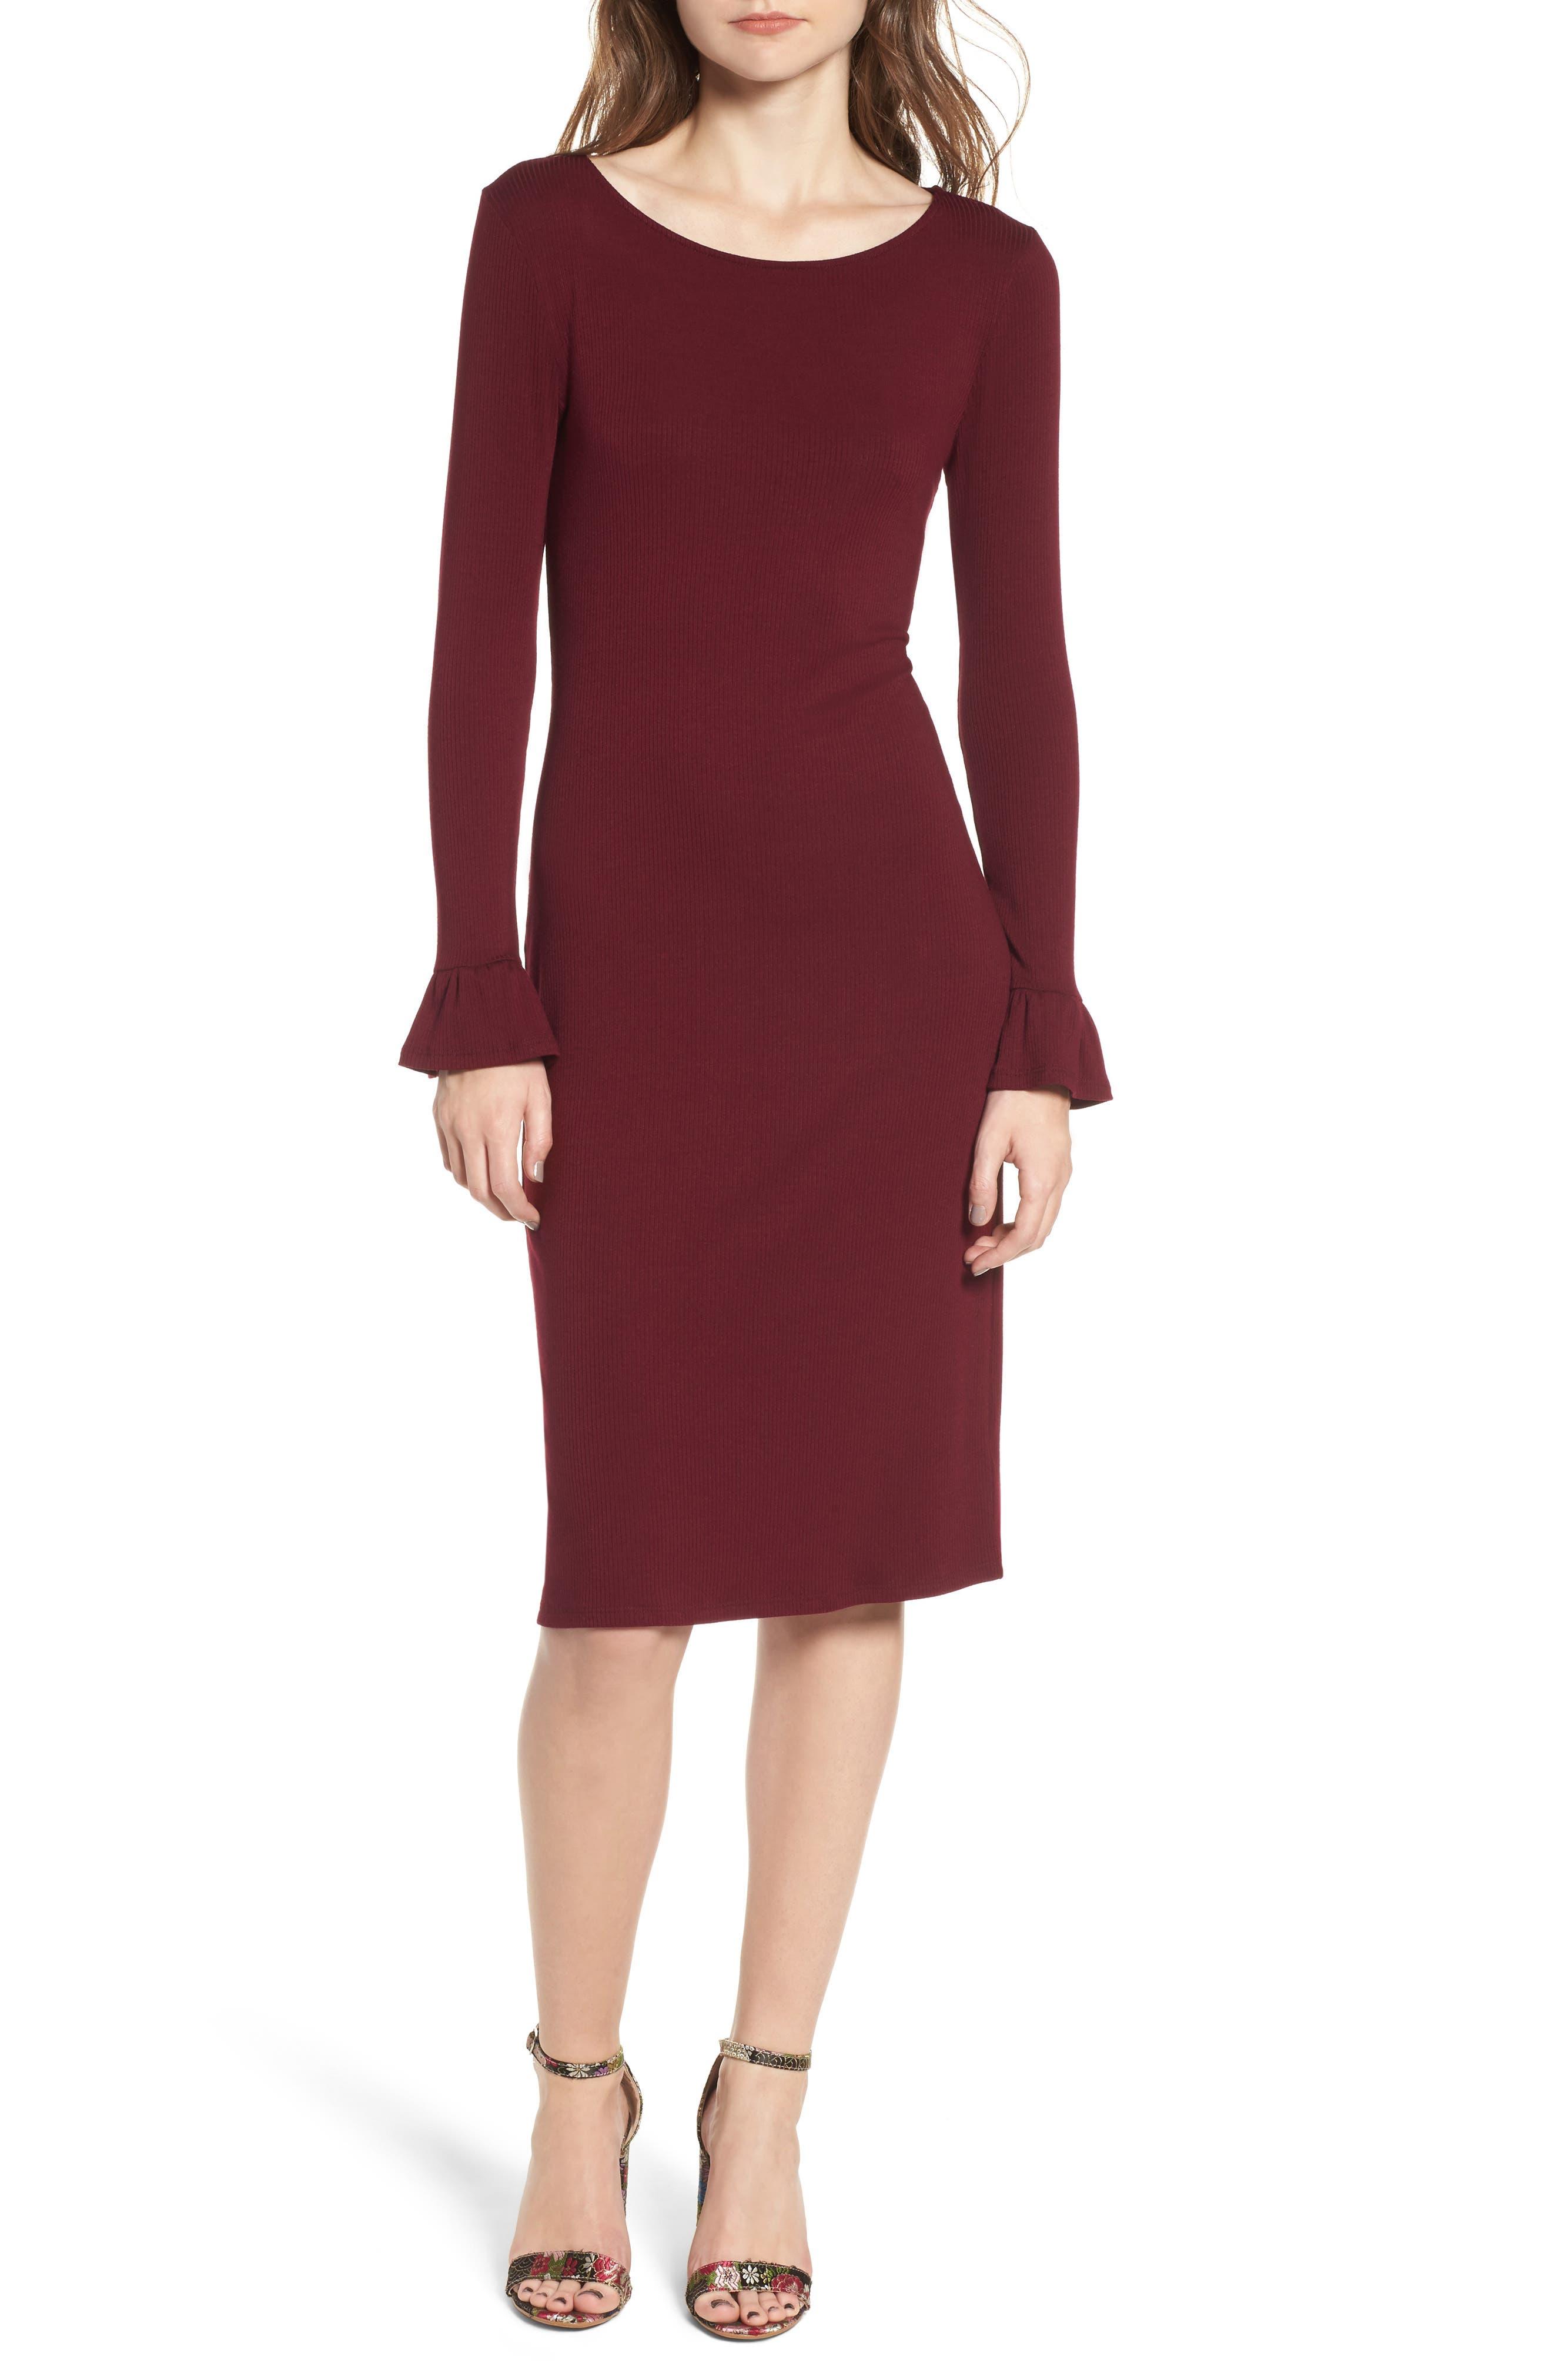 One Clothing Ruffle Sleeve Ribbed Midi Dress